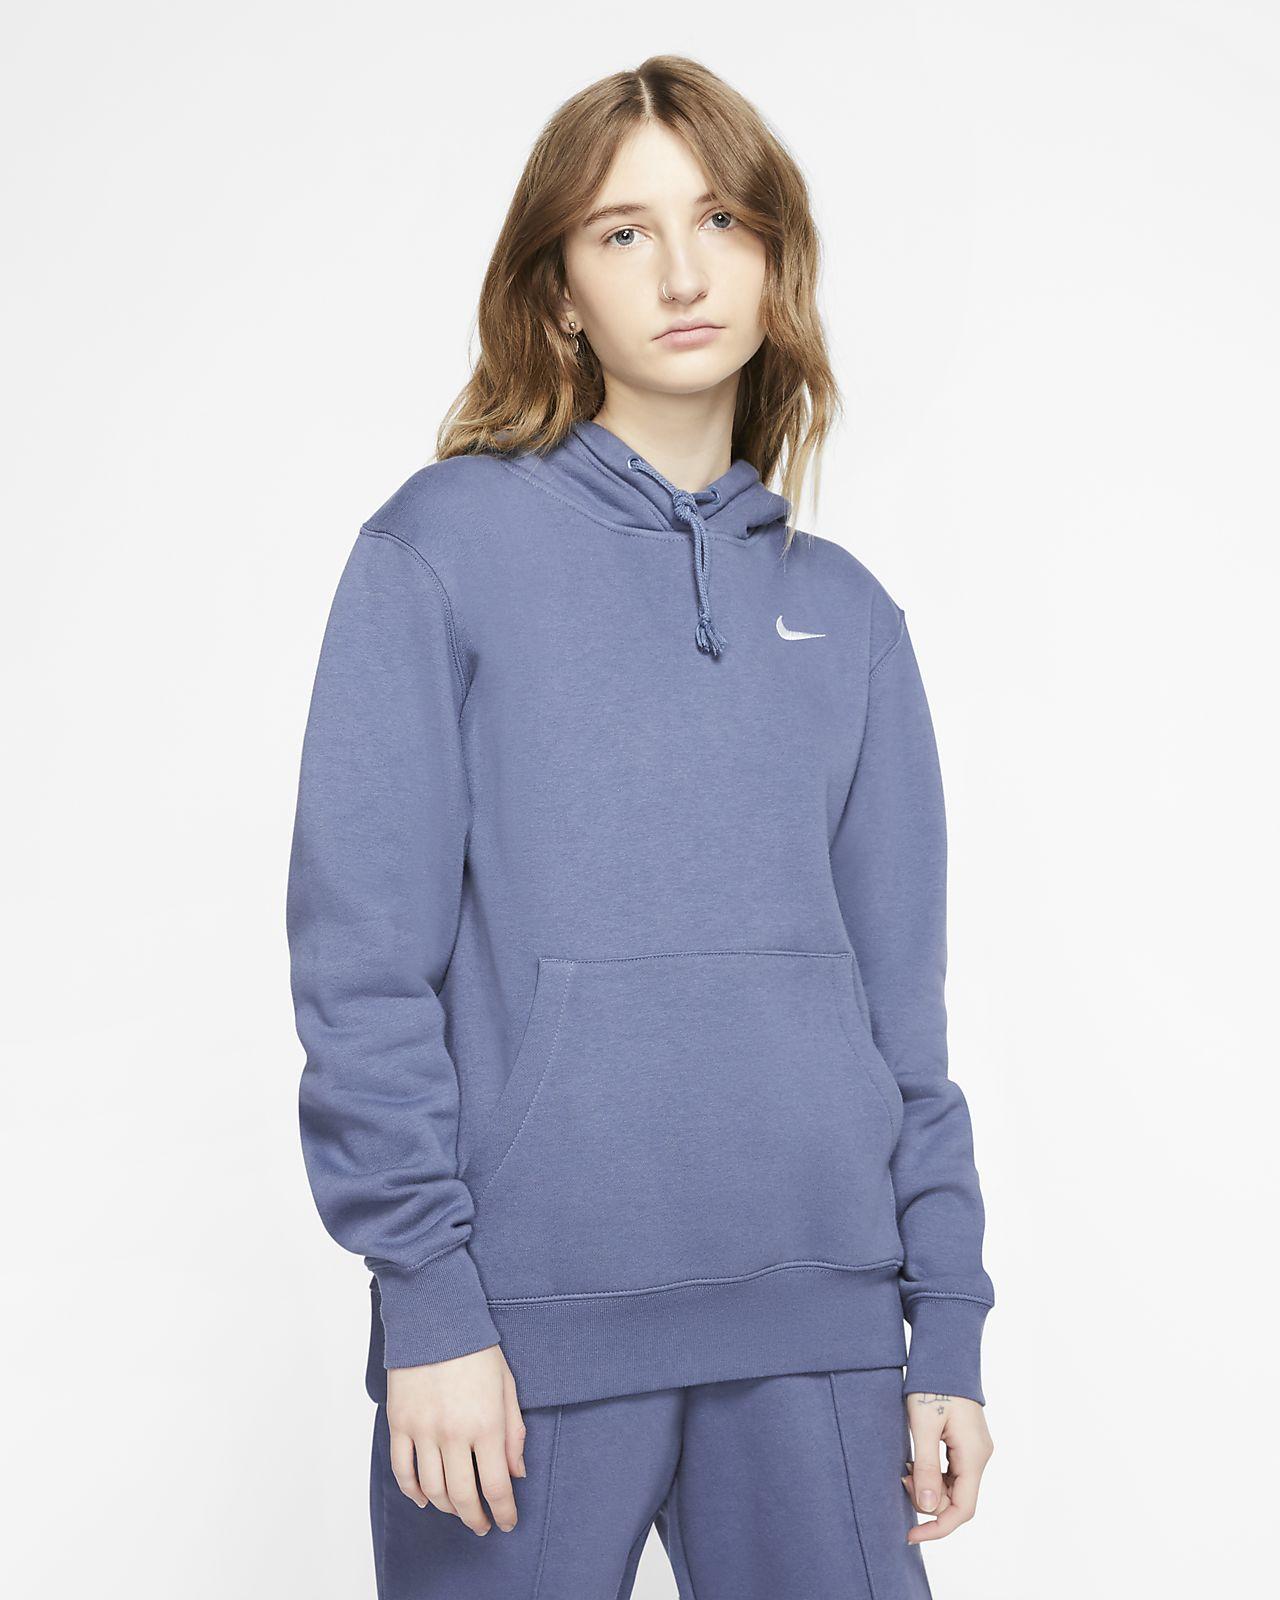 Bluza Nike Damska odzież Kobiety SPORT STYLE